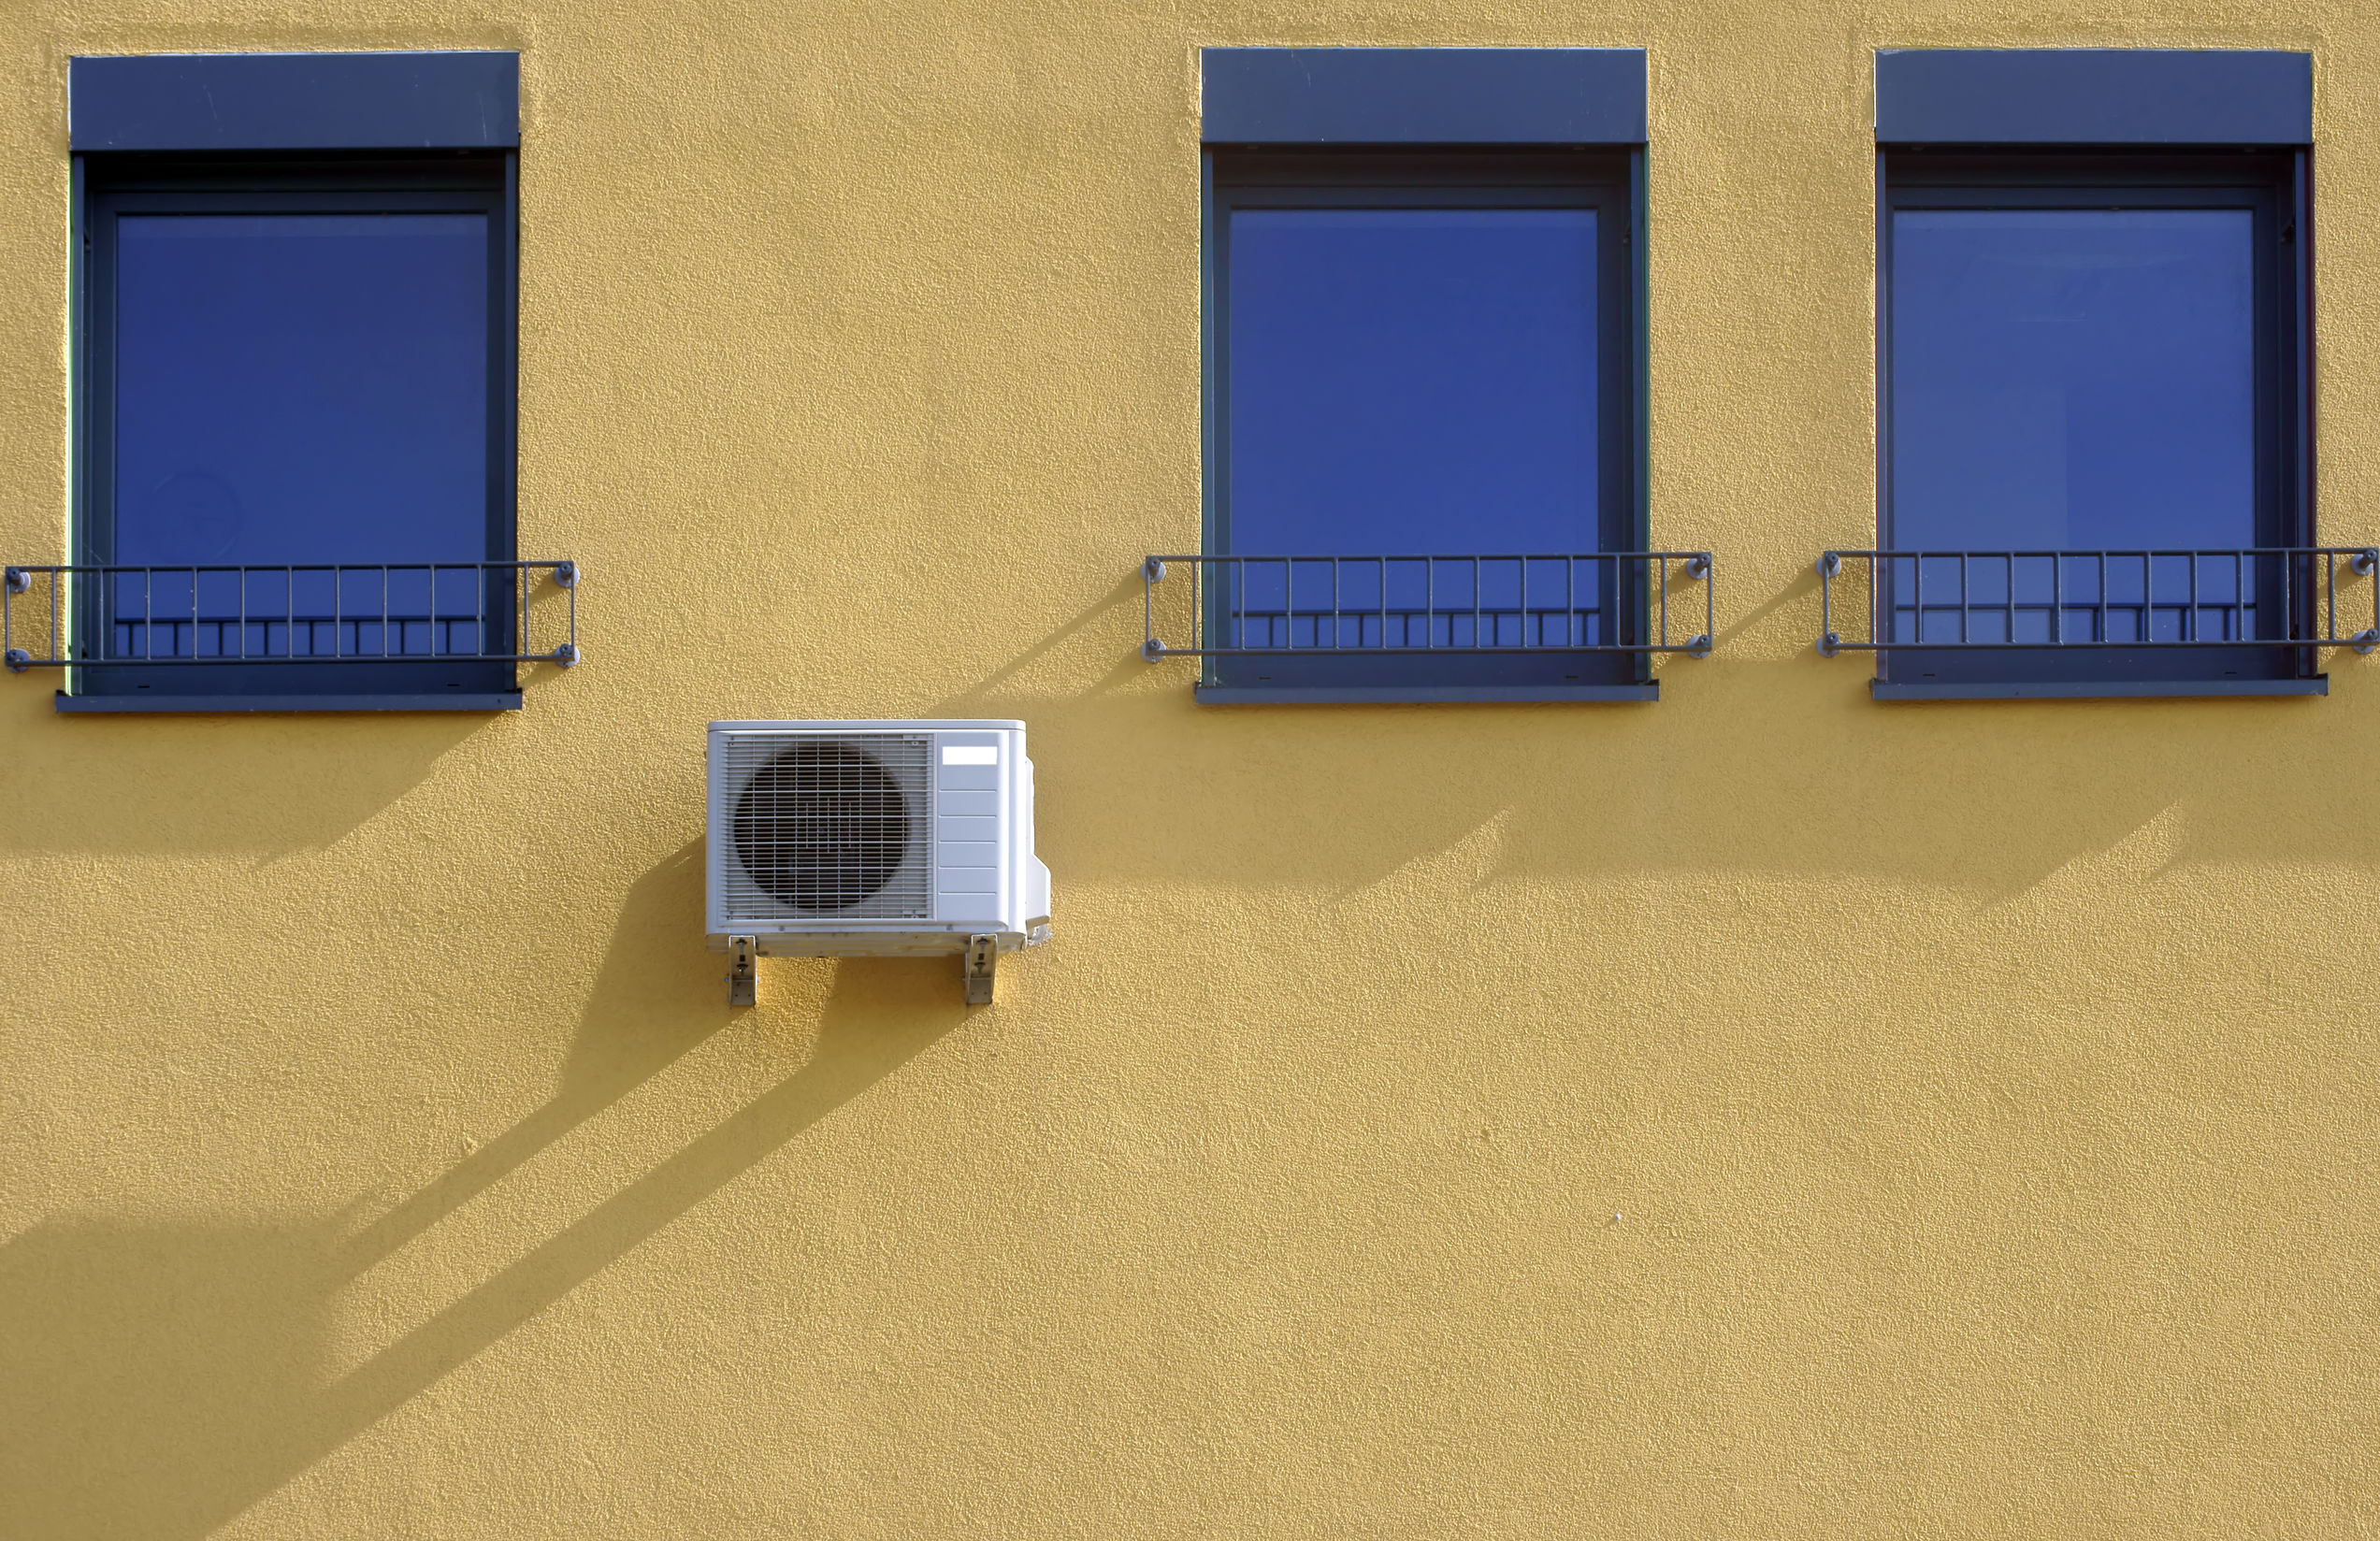 Ar condicionado de janela: Como escolher o melhor em 2021